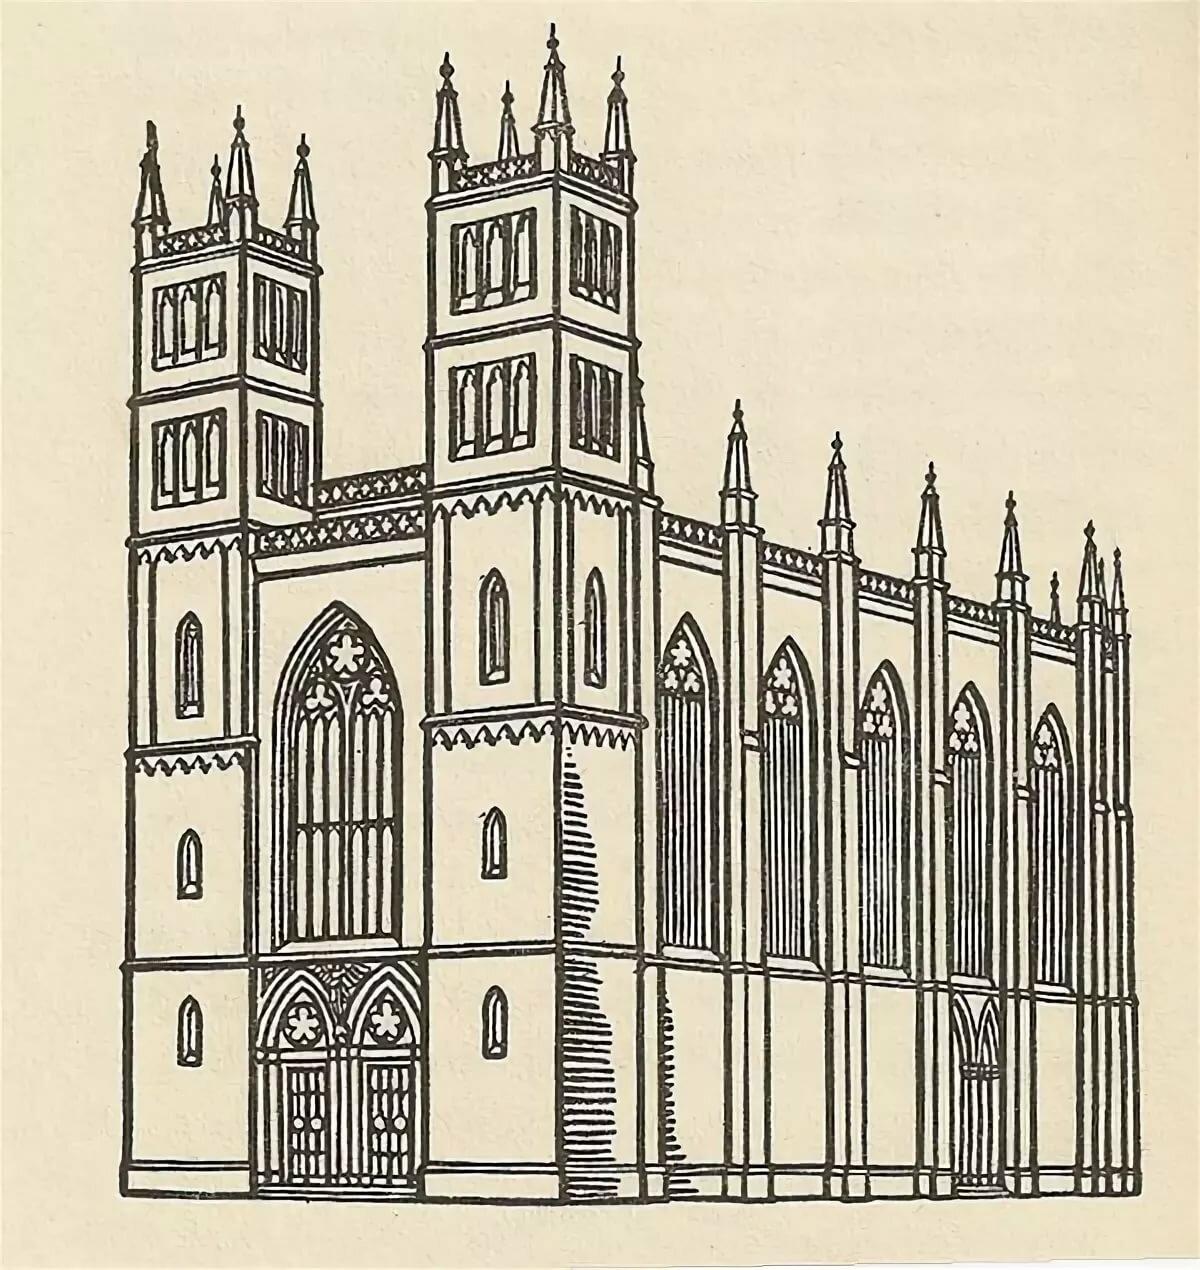 романский стиль в архитектуре картинки черно белые этой странице представлены